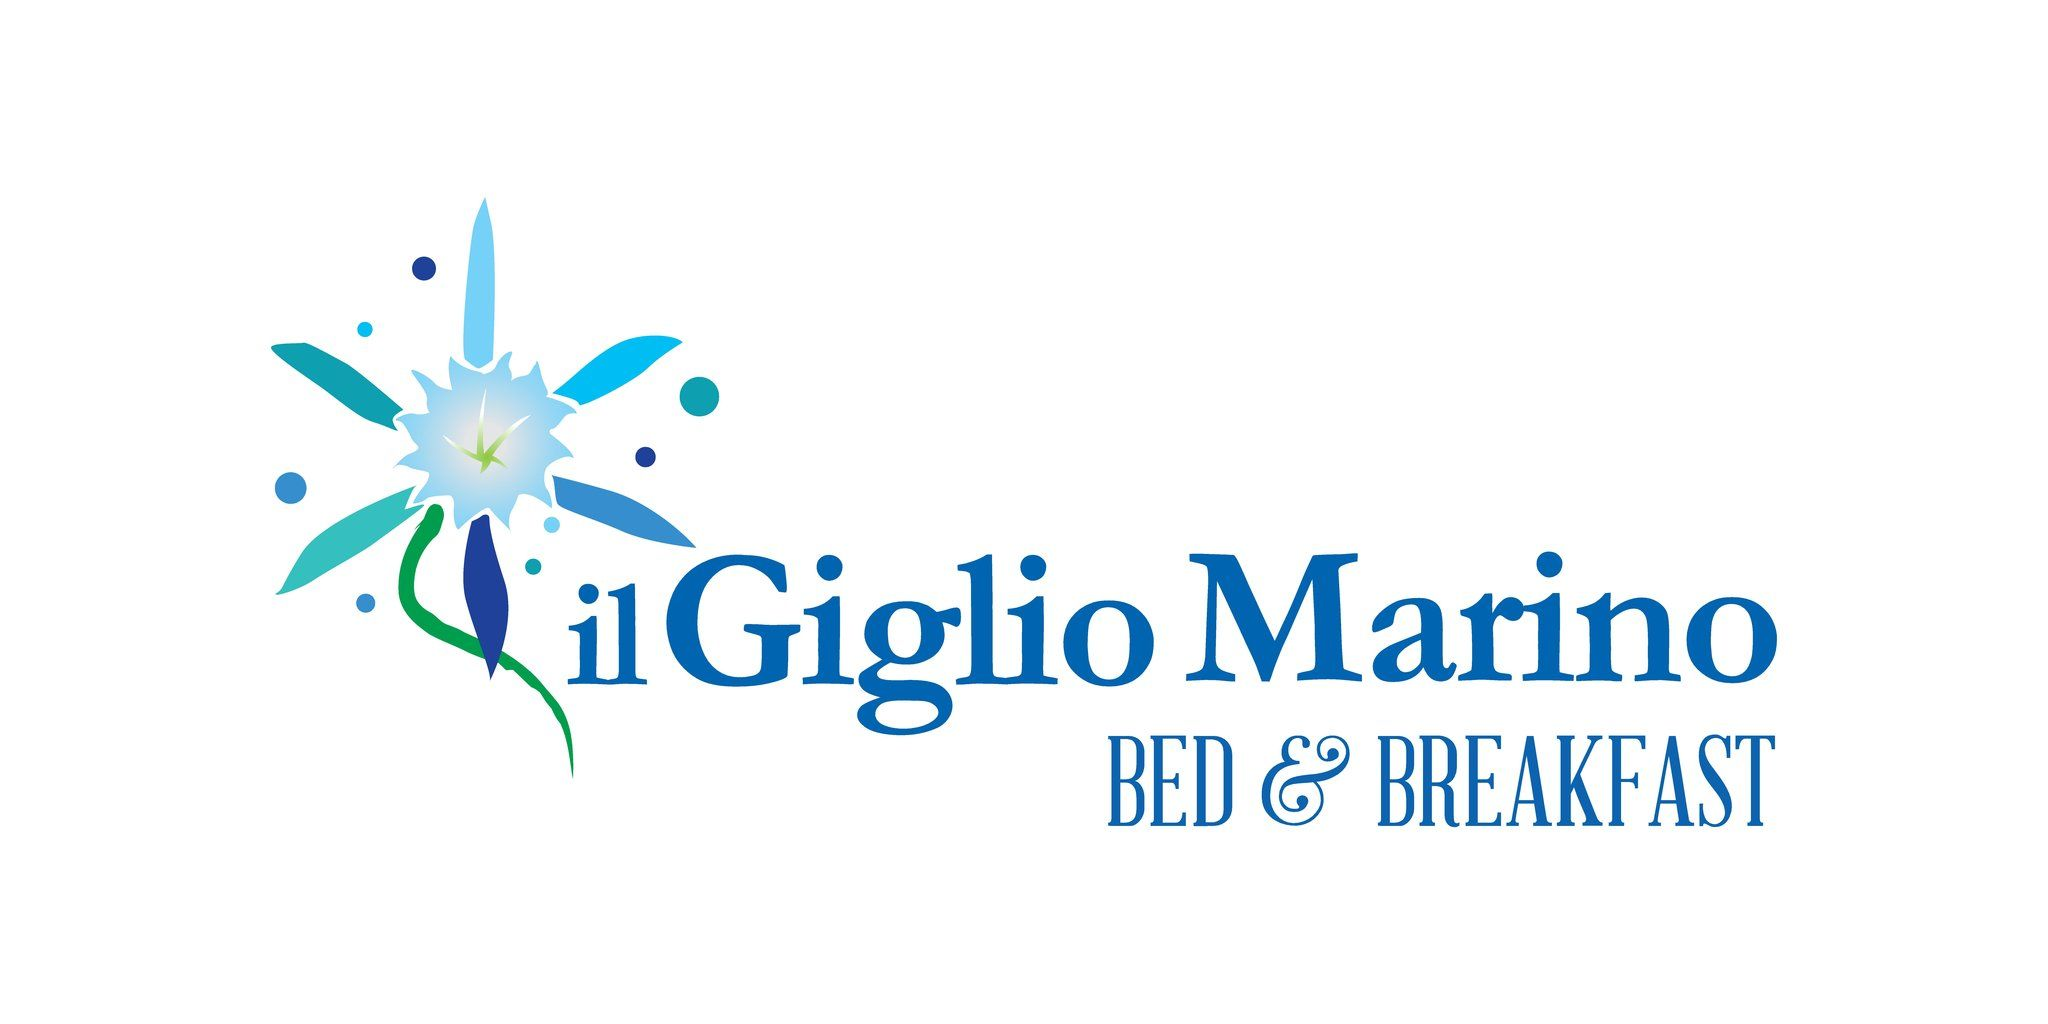 伊爾吉廖聖馬力諾住宿加早餐旅館